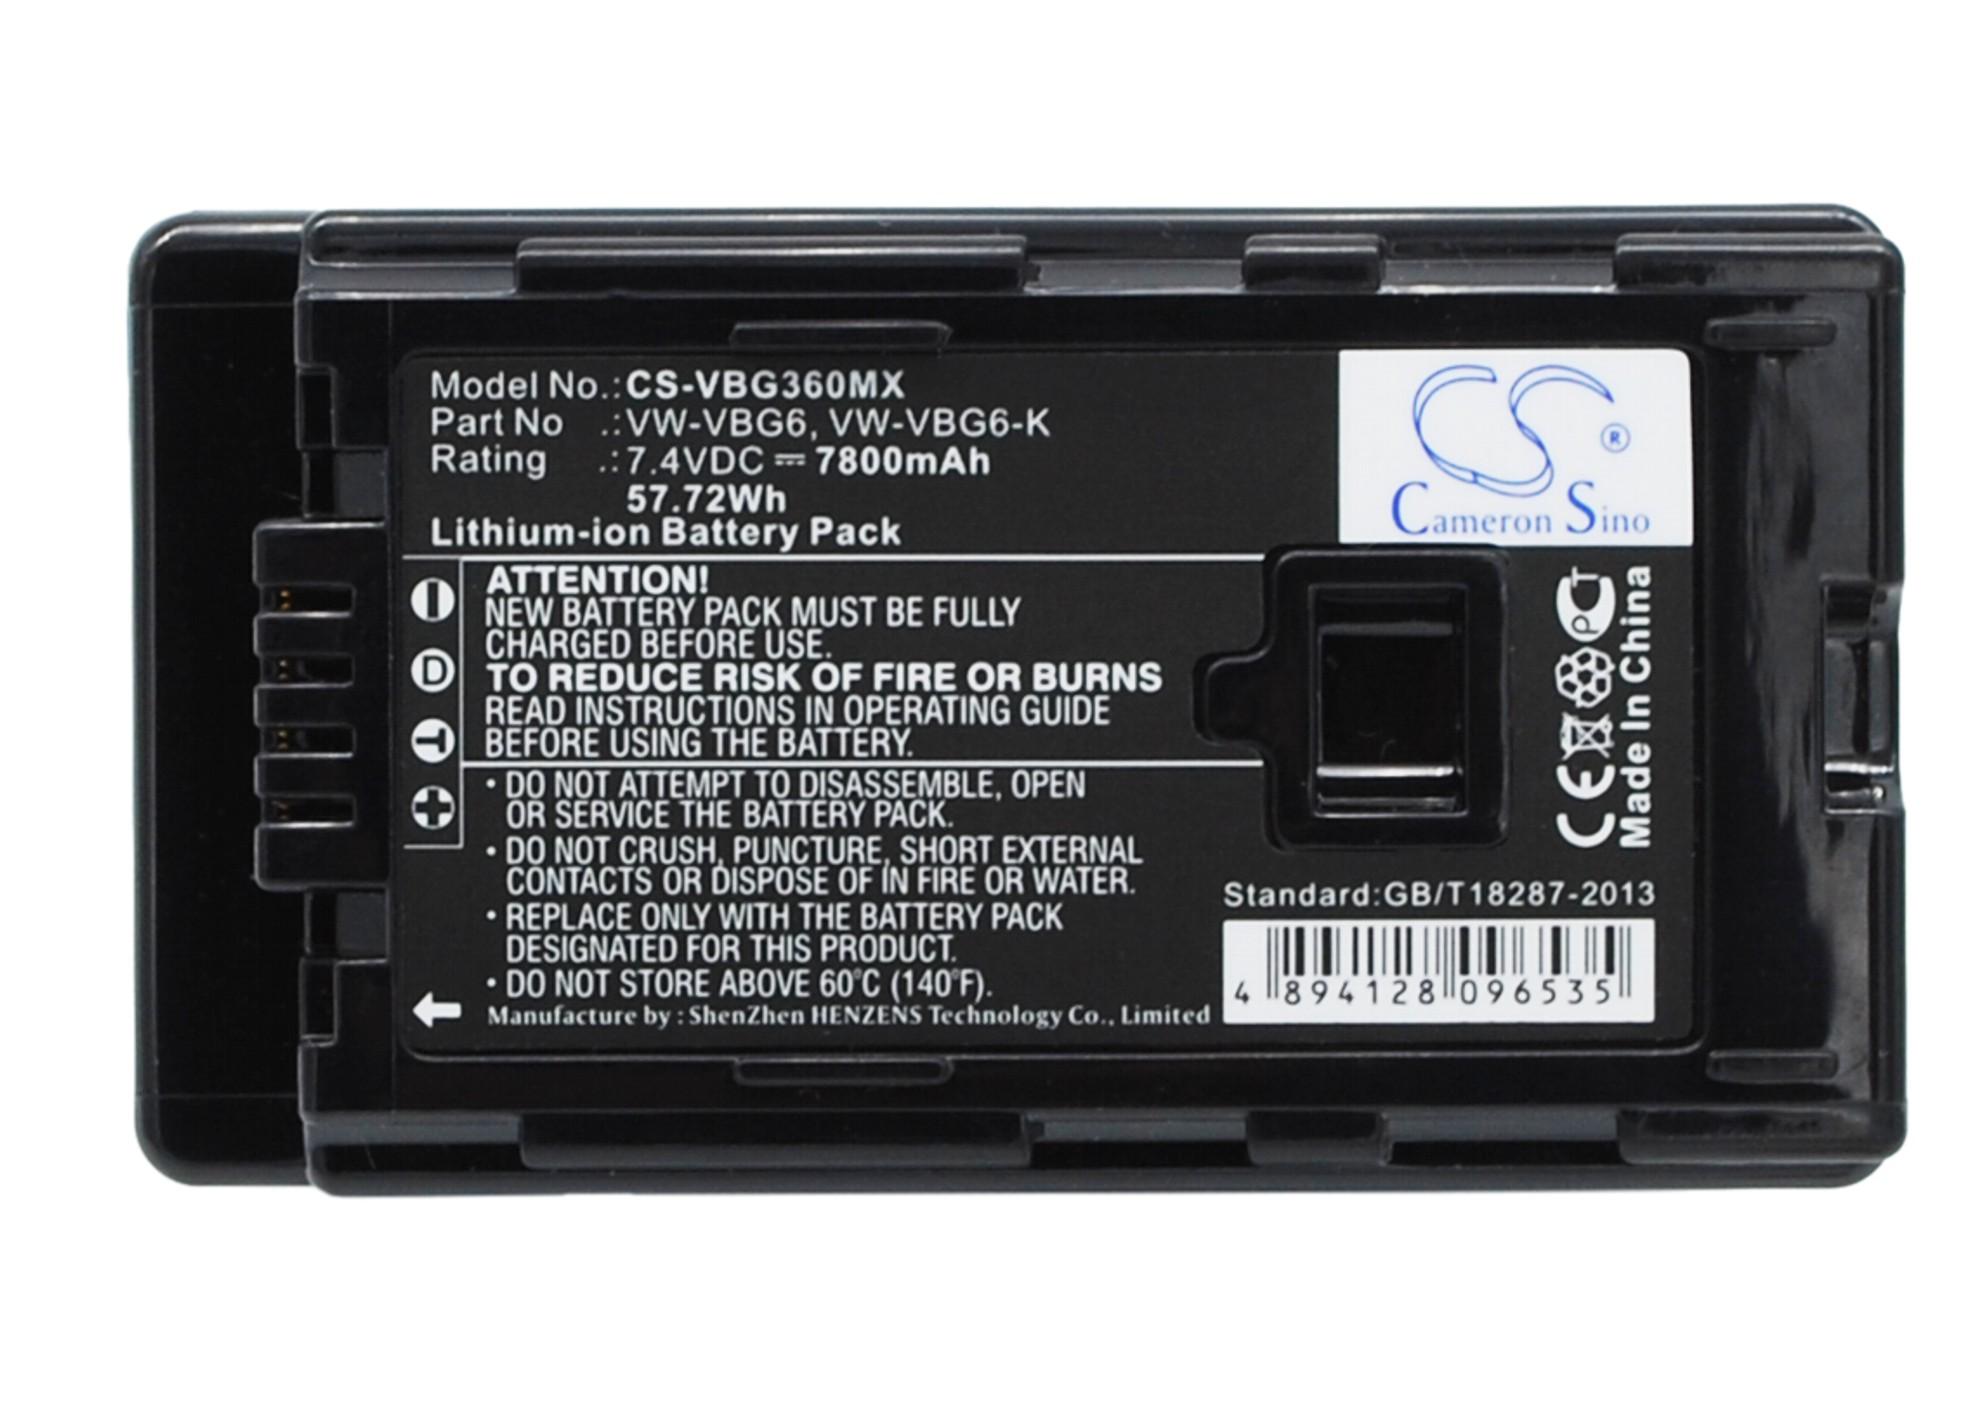 Cameron Sino baterie do kamer a fotoaparátů pro PANASONIC HDC-DX1-S 7.4V Li-ion 7800mAh černá - neoriginální